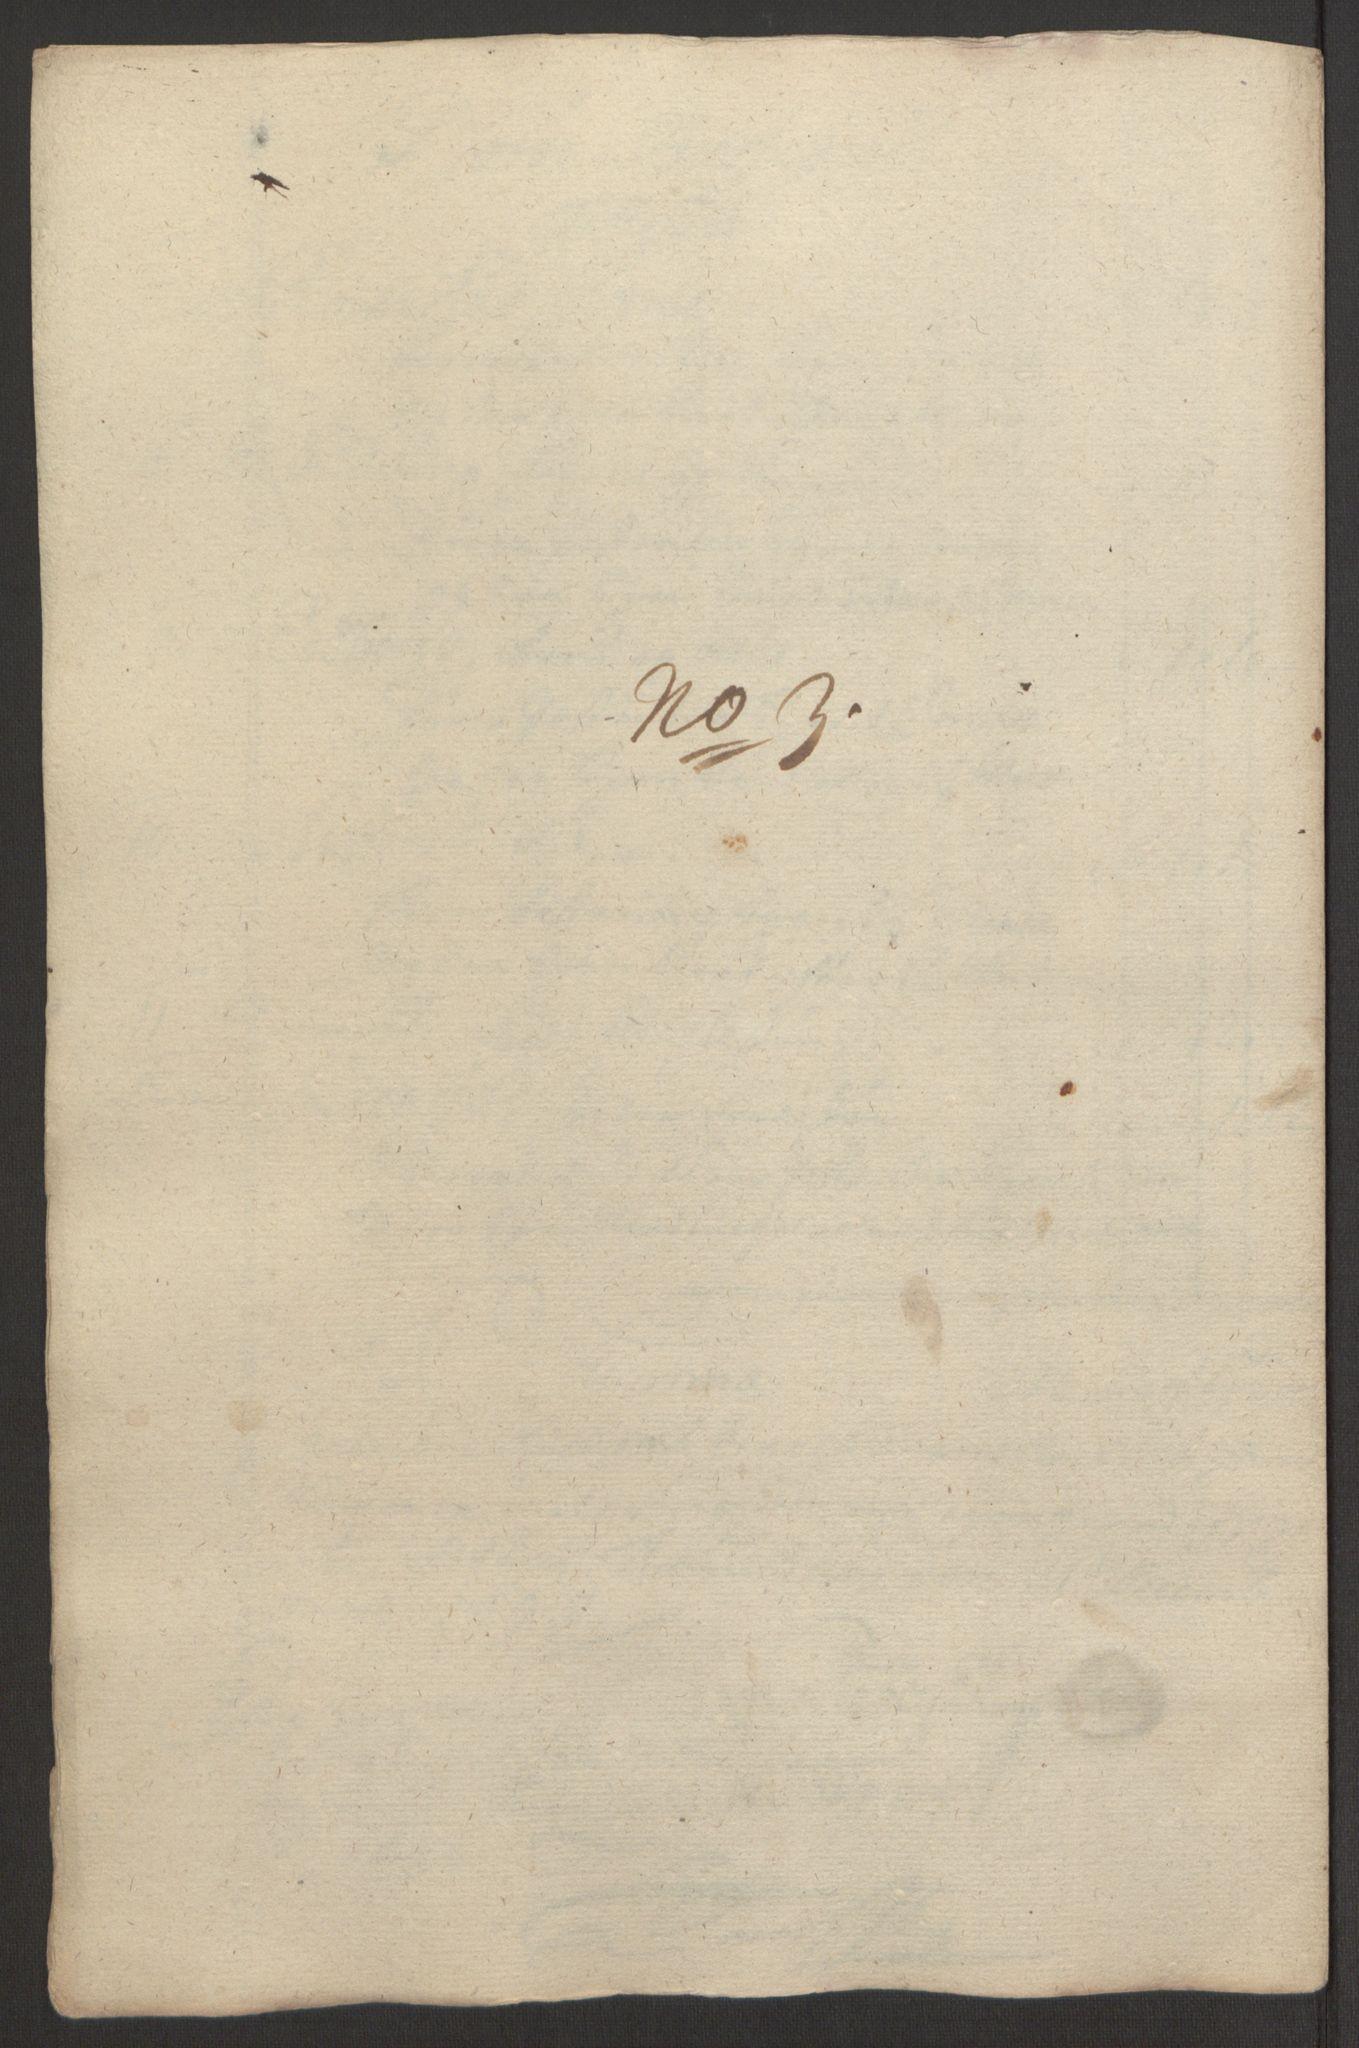 RA, Rentekammeret inntil 1814, Reviderte regnskaper, Fogderegnskap, R64/L4424: Fogderegnskap Namdal, 1692-1695, s. 519